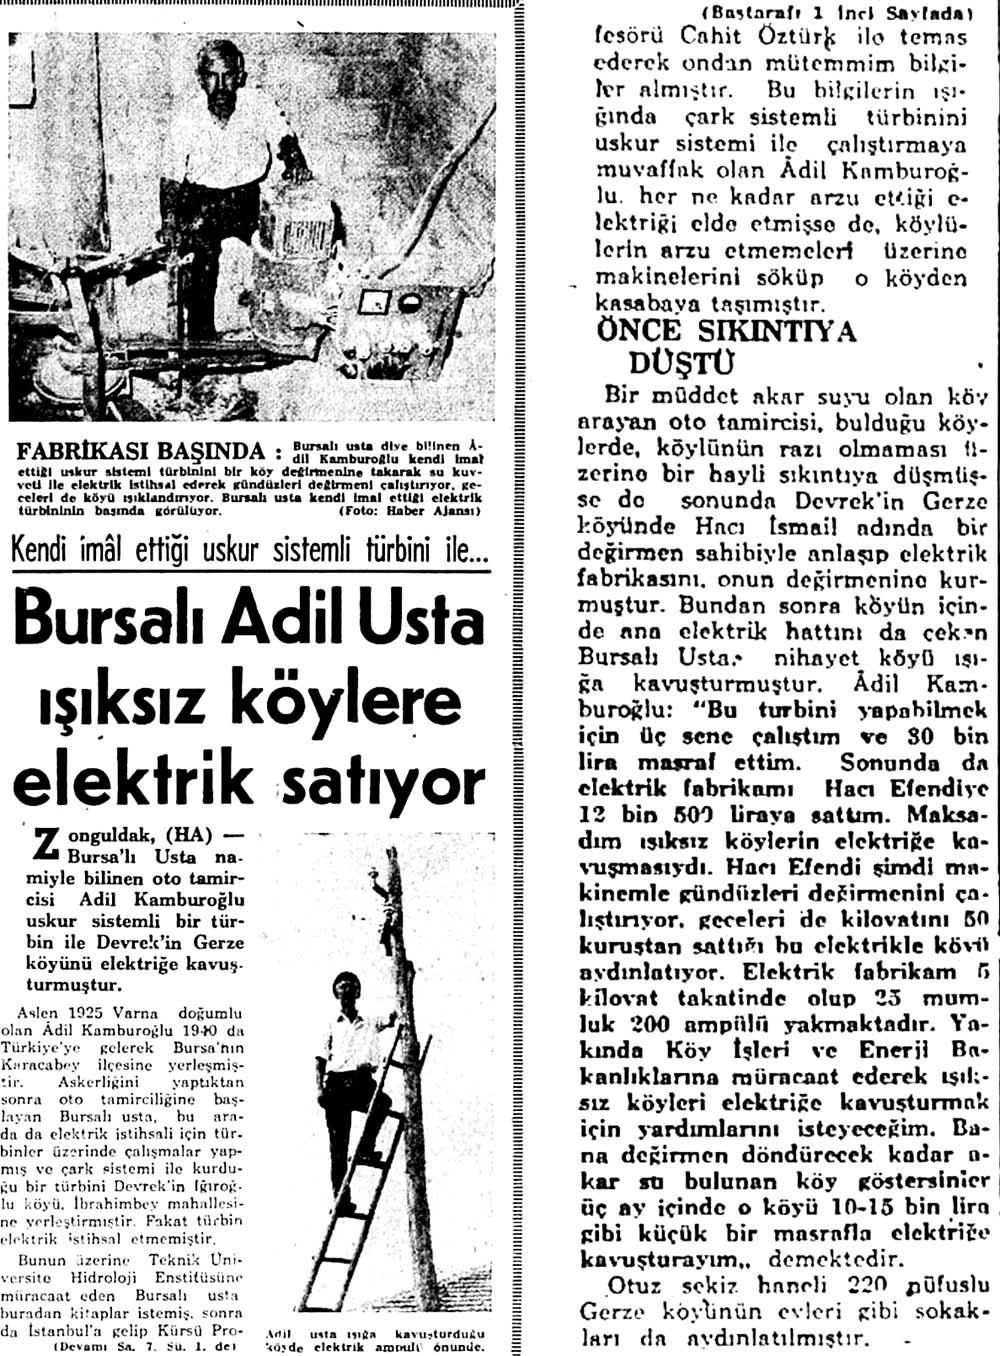 Bursalı Adil Usta ışıksız köylere elektrik satıyor